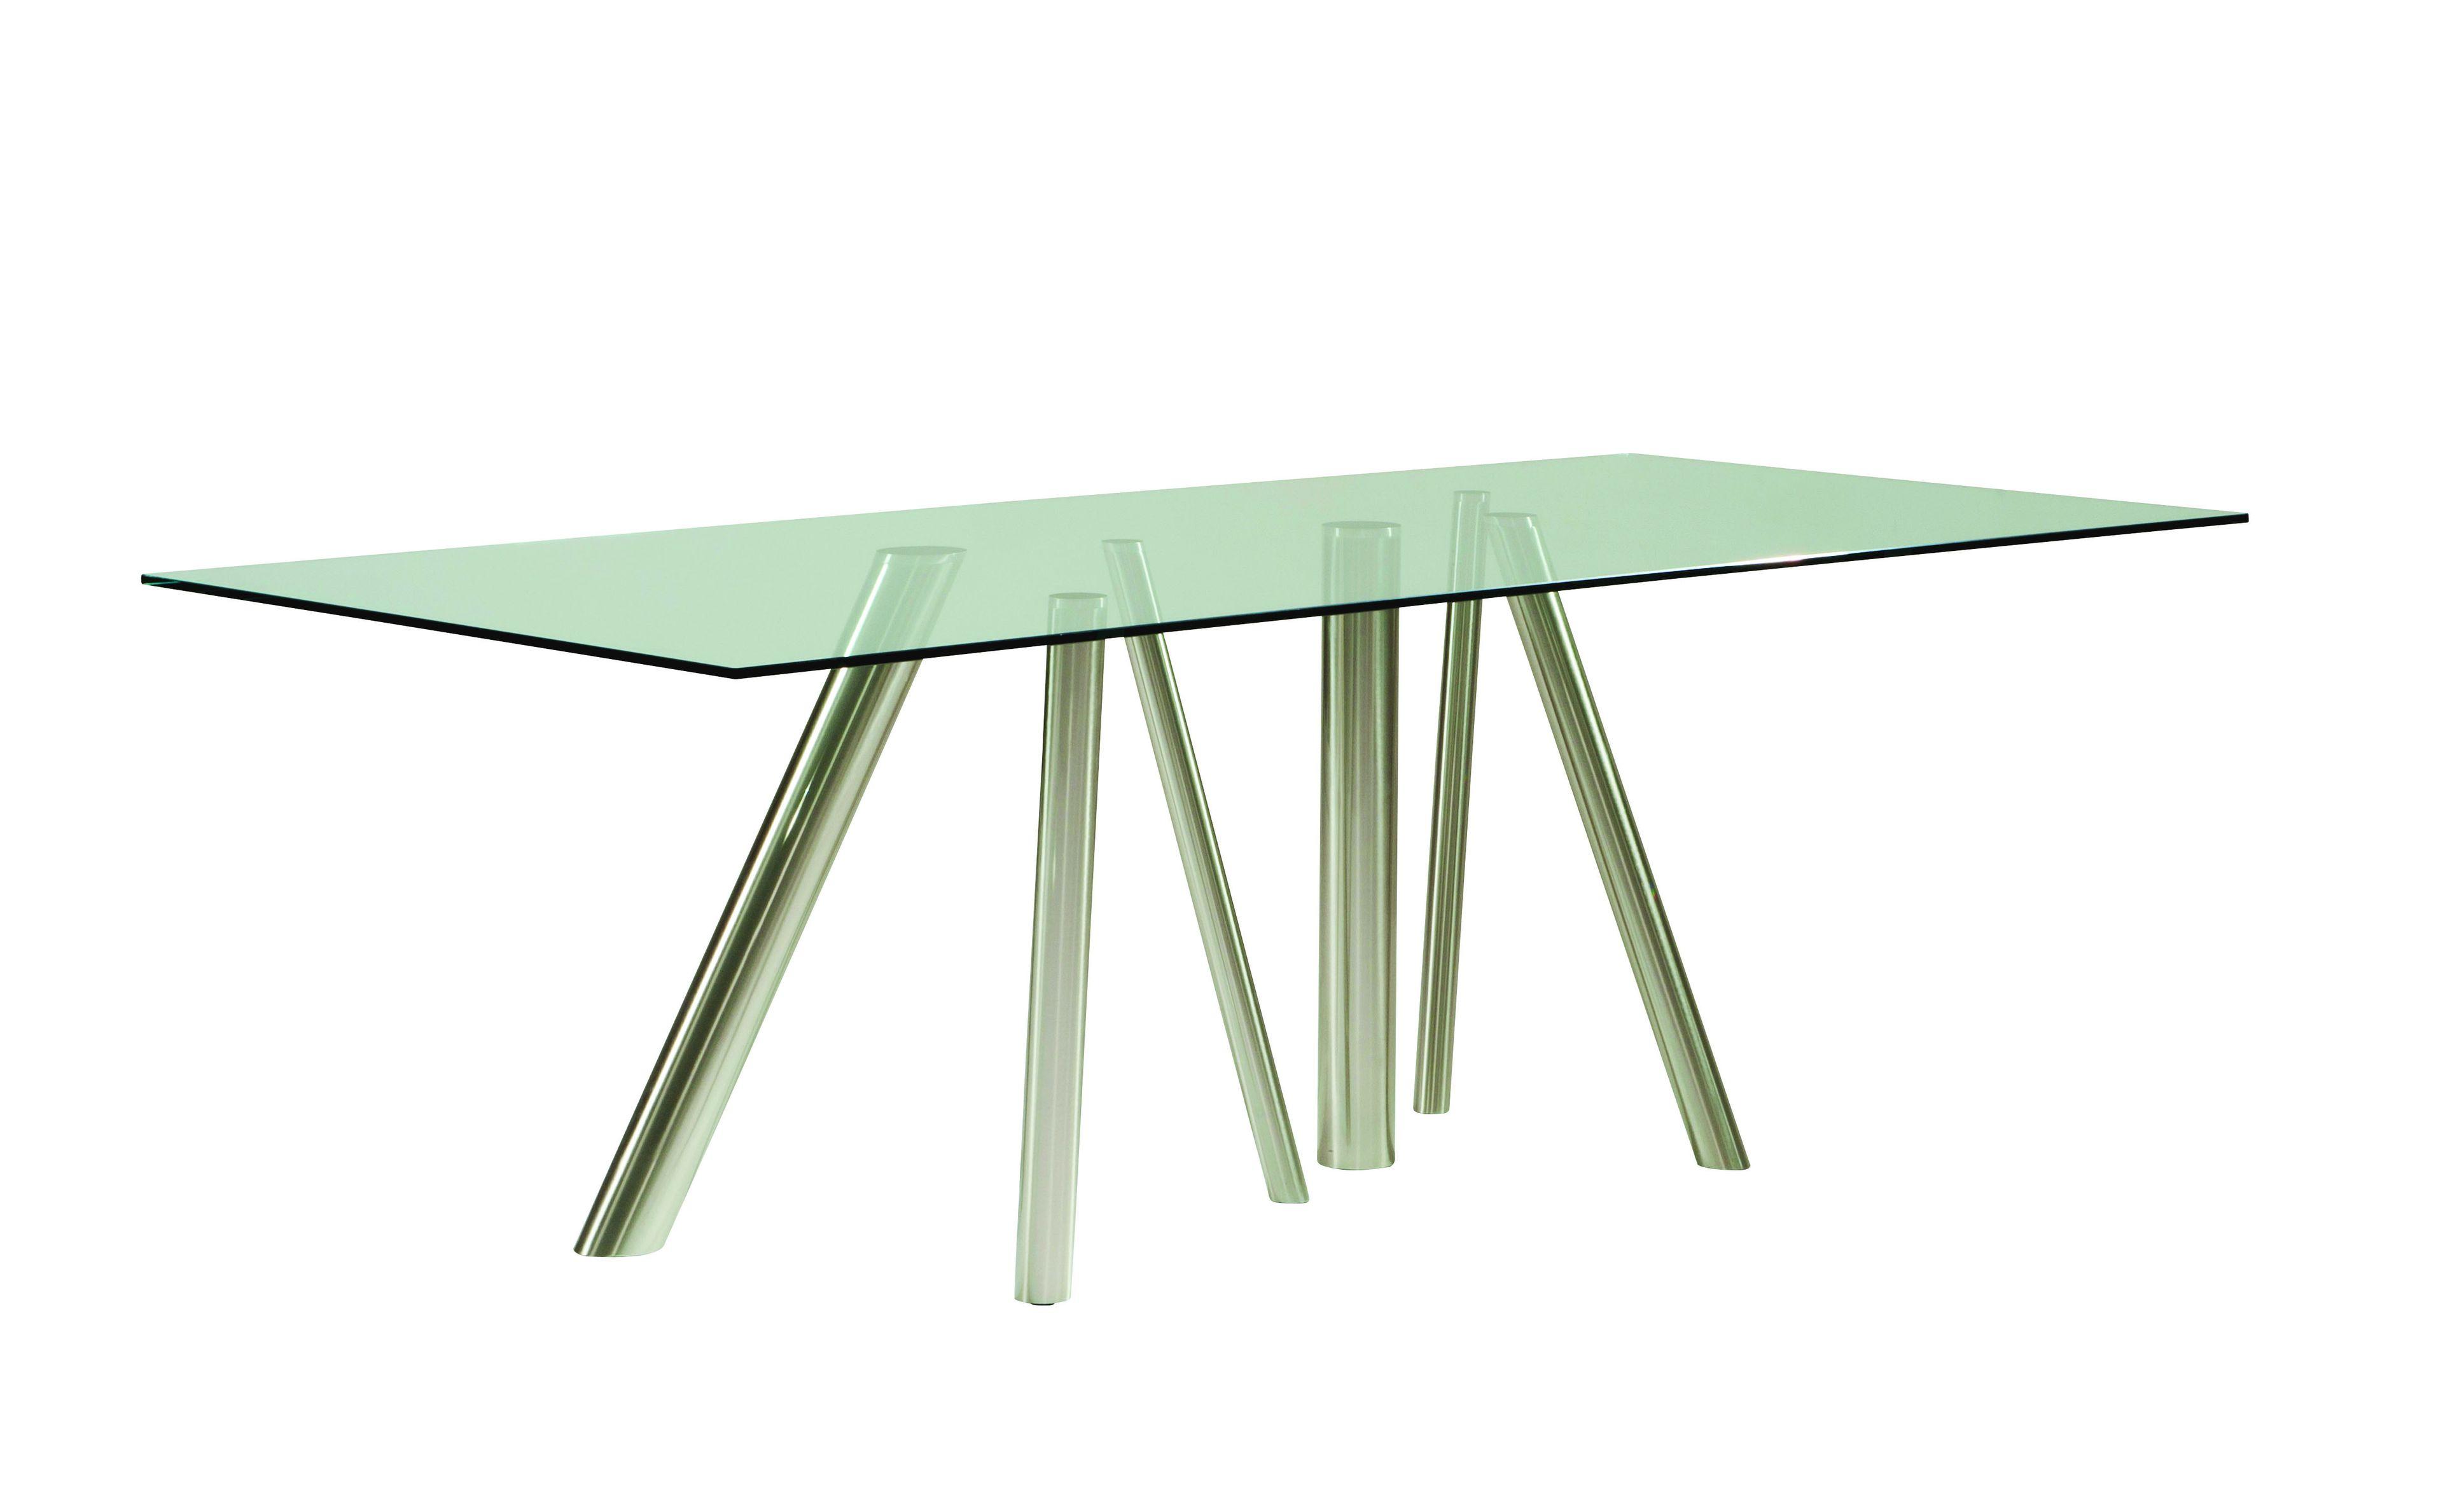 FOREST | Rectangular Table Les Contemporains Collection By ROCHE BOBOIS  Design Cédric Ragot